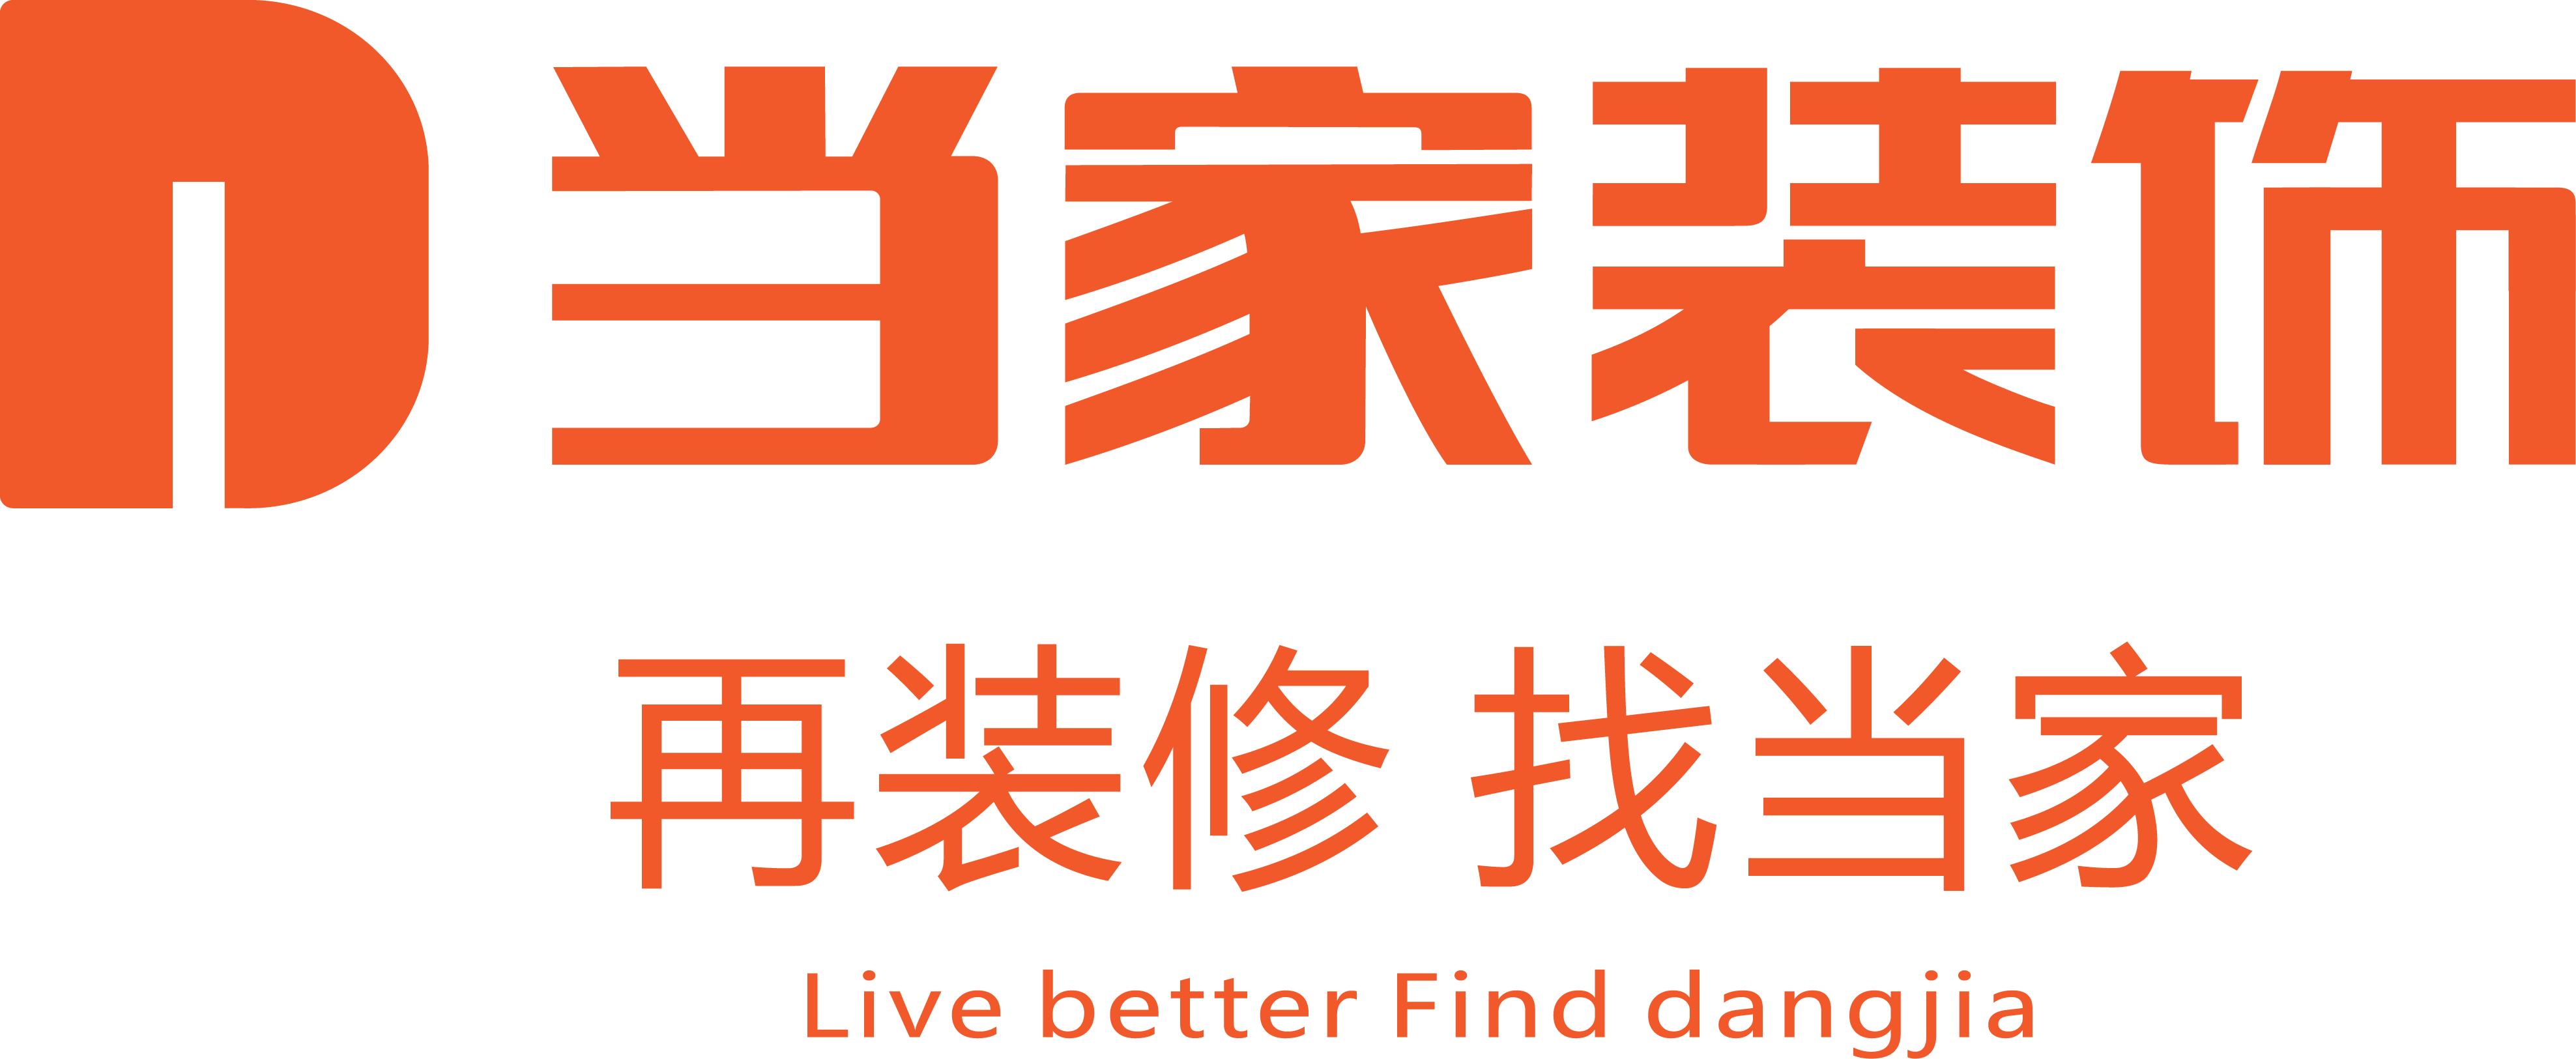 深圳当家设计工程有限公司招聘平面设计师